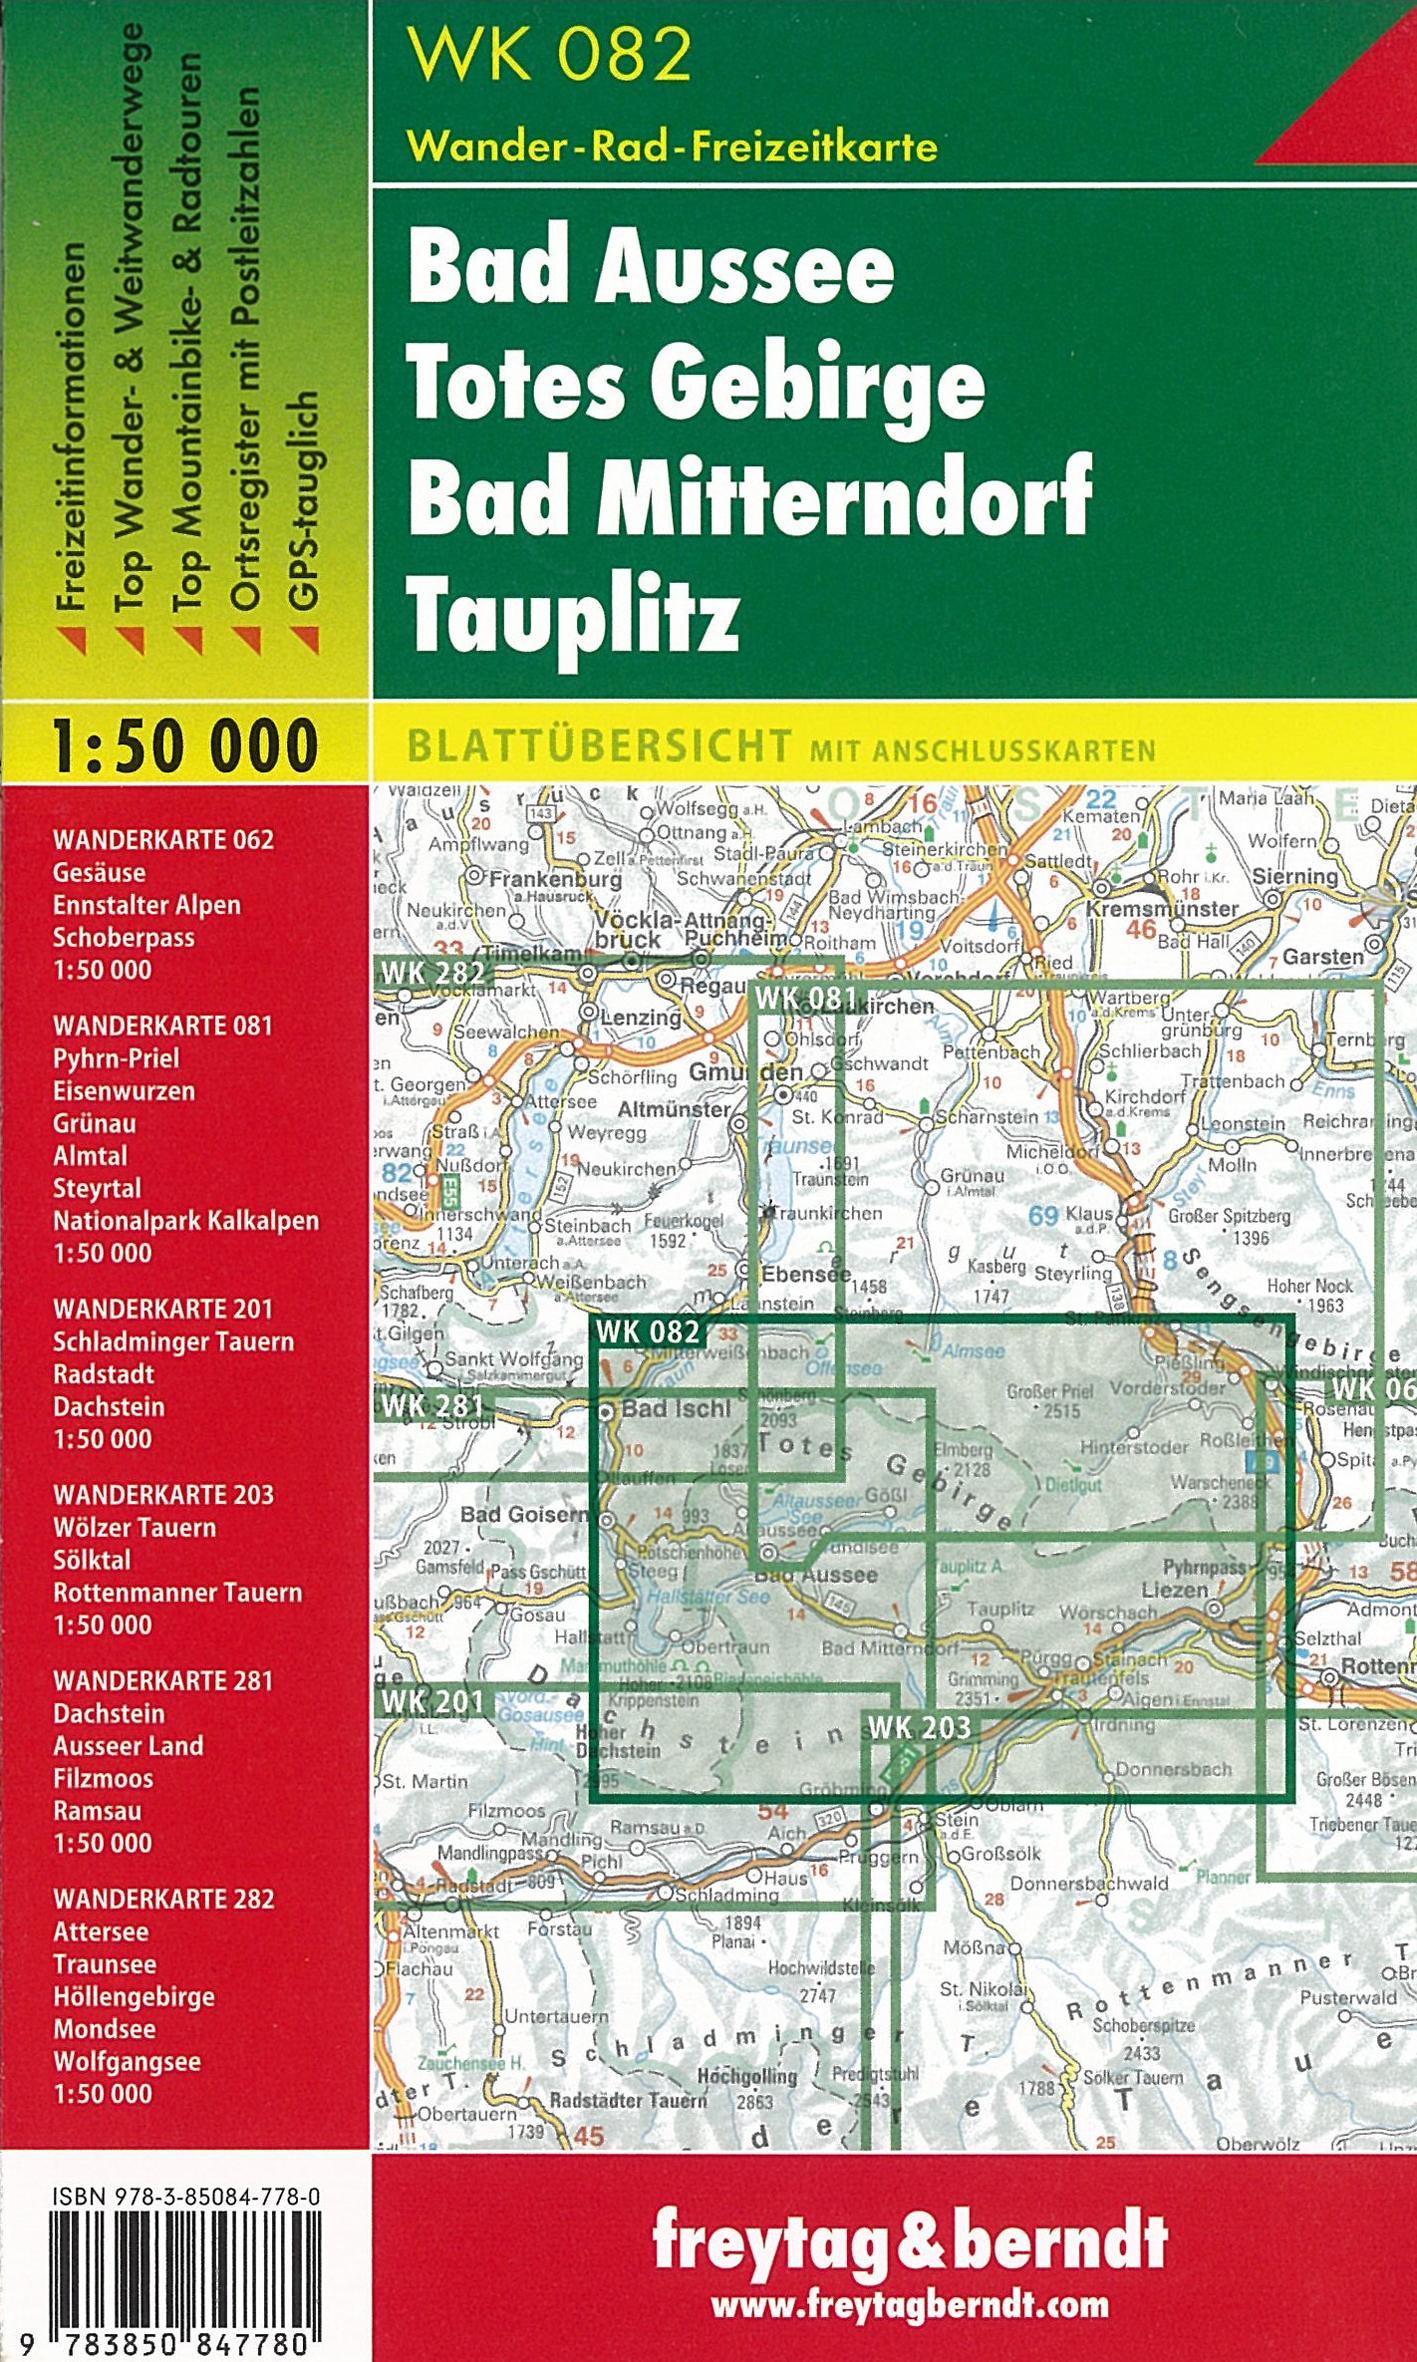 Turistika Wk082 Bad Aussee Totes Gebirge Bad Mitterndorf